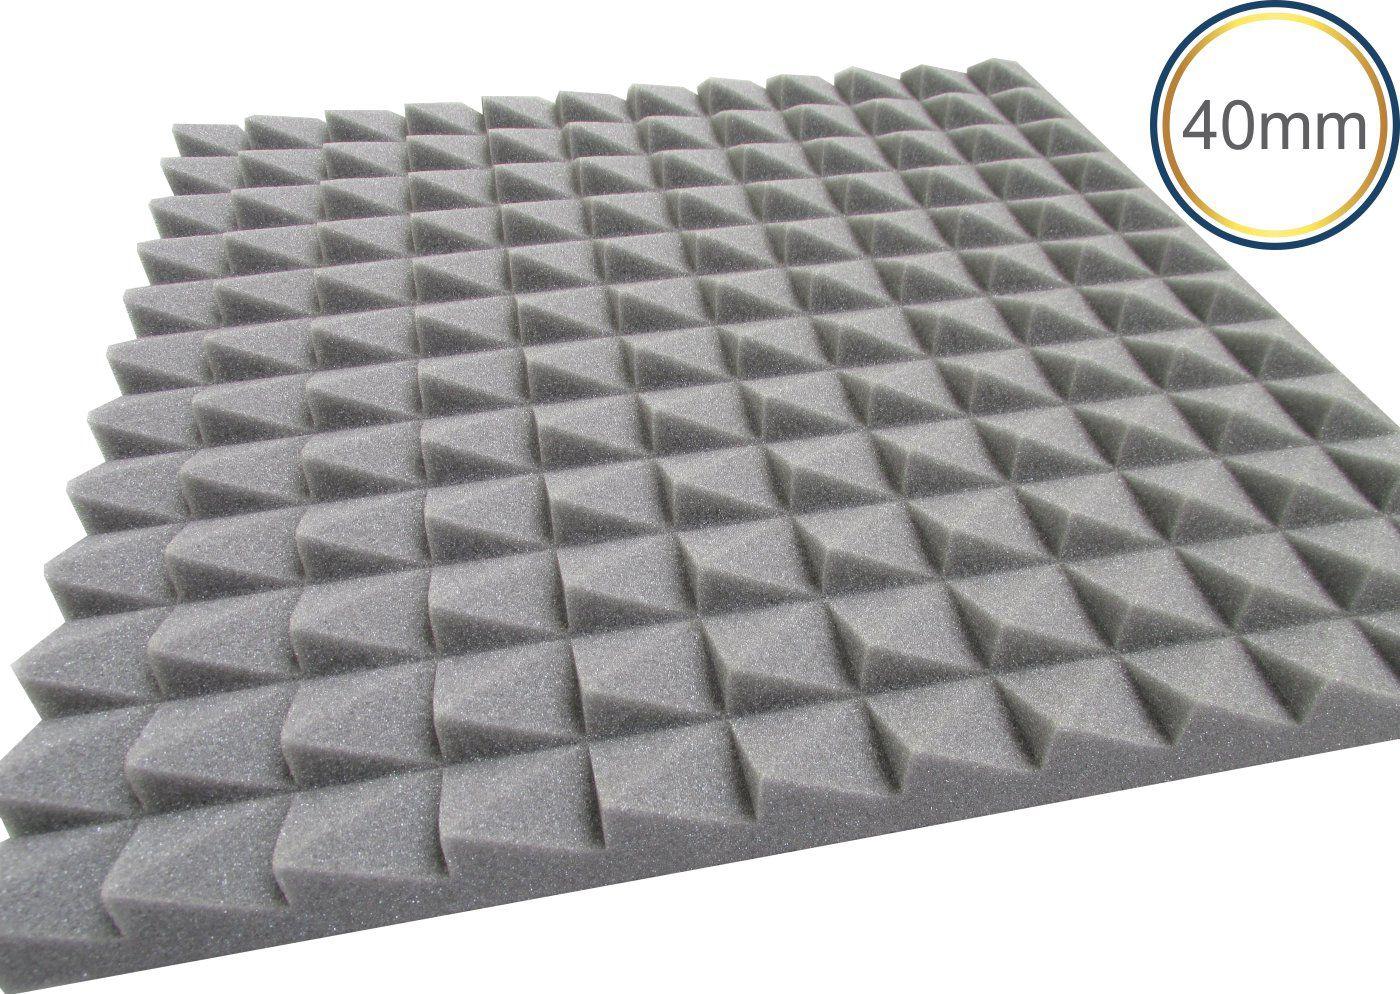 Espuma acústica Revest - Escamas - Kit 4 peças - Cinza - (1m²)  - Loja SPL Acústica